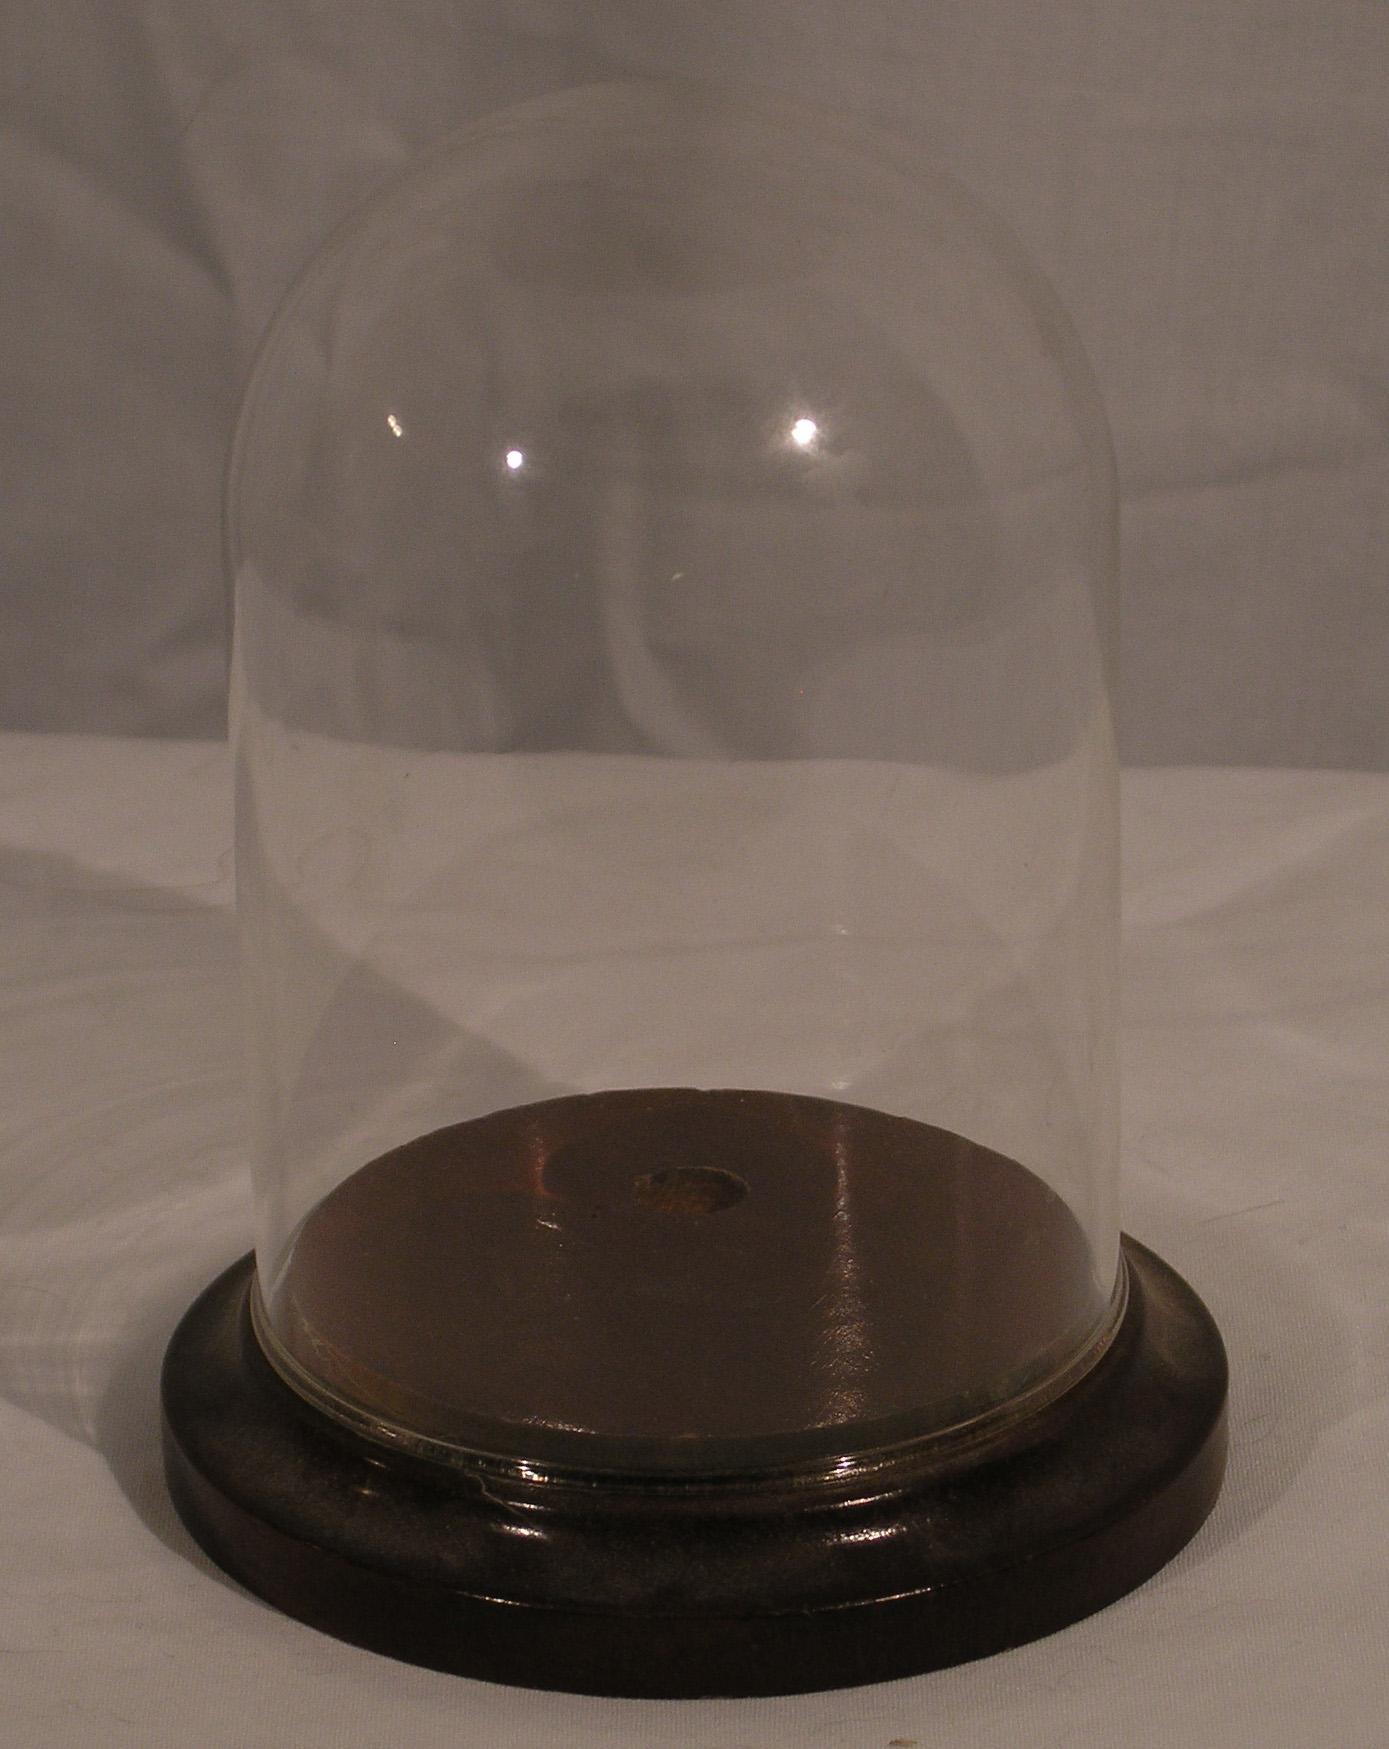 Ball Jar 1 by lockstock